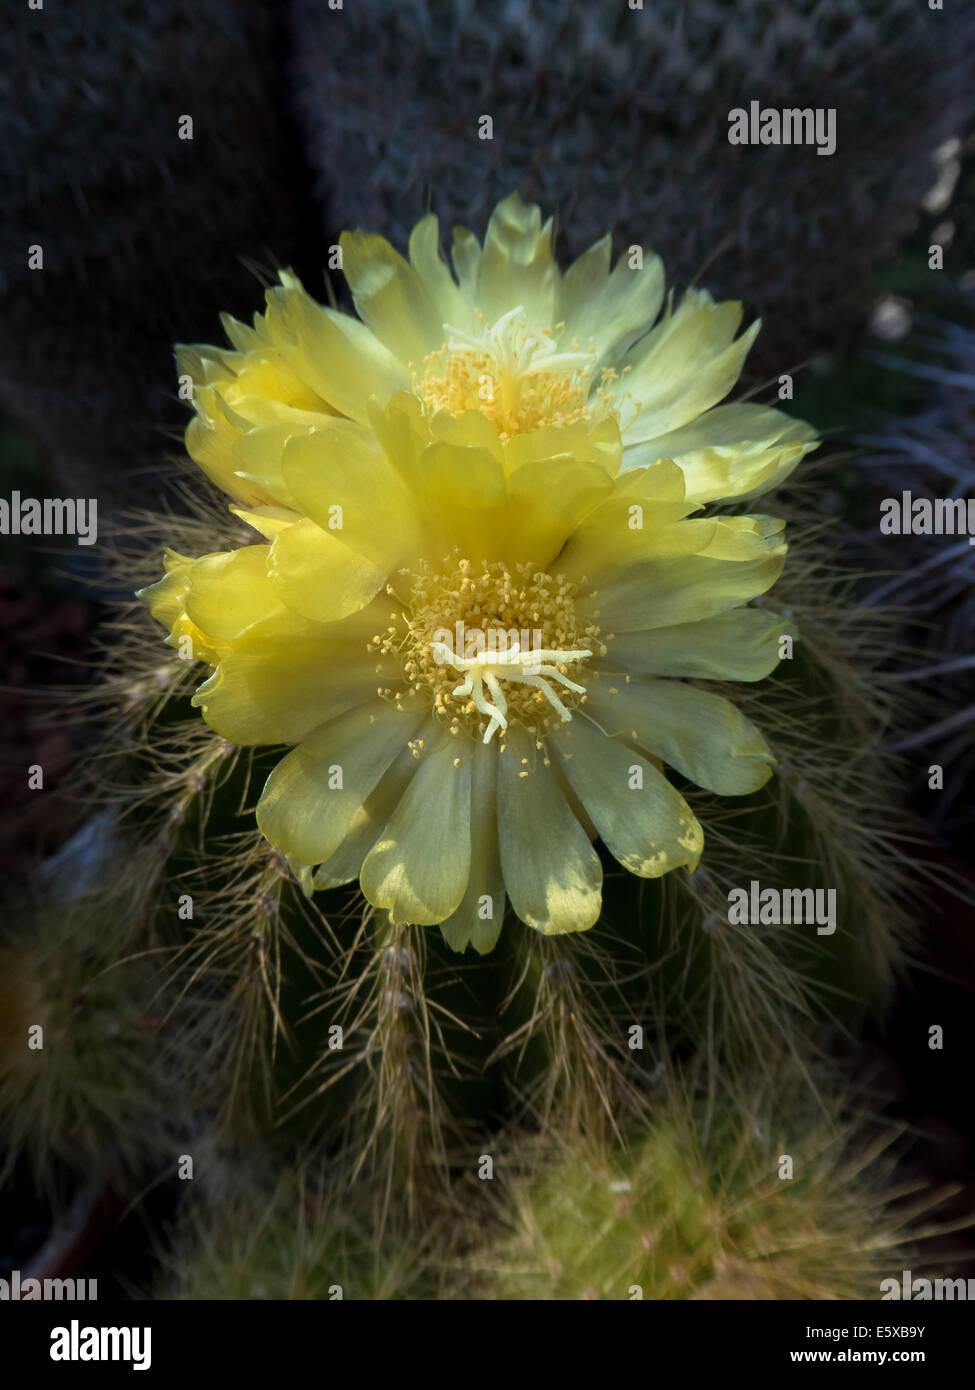 yellow cactus blossom, Notocactus magnificus - Stock Image